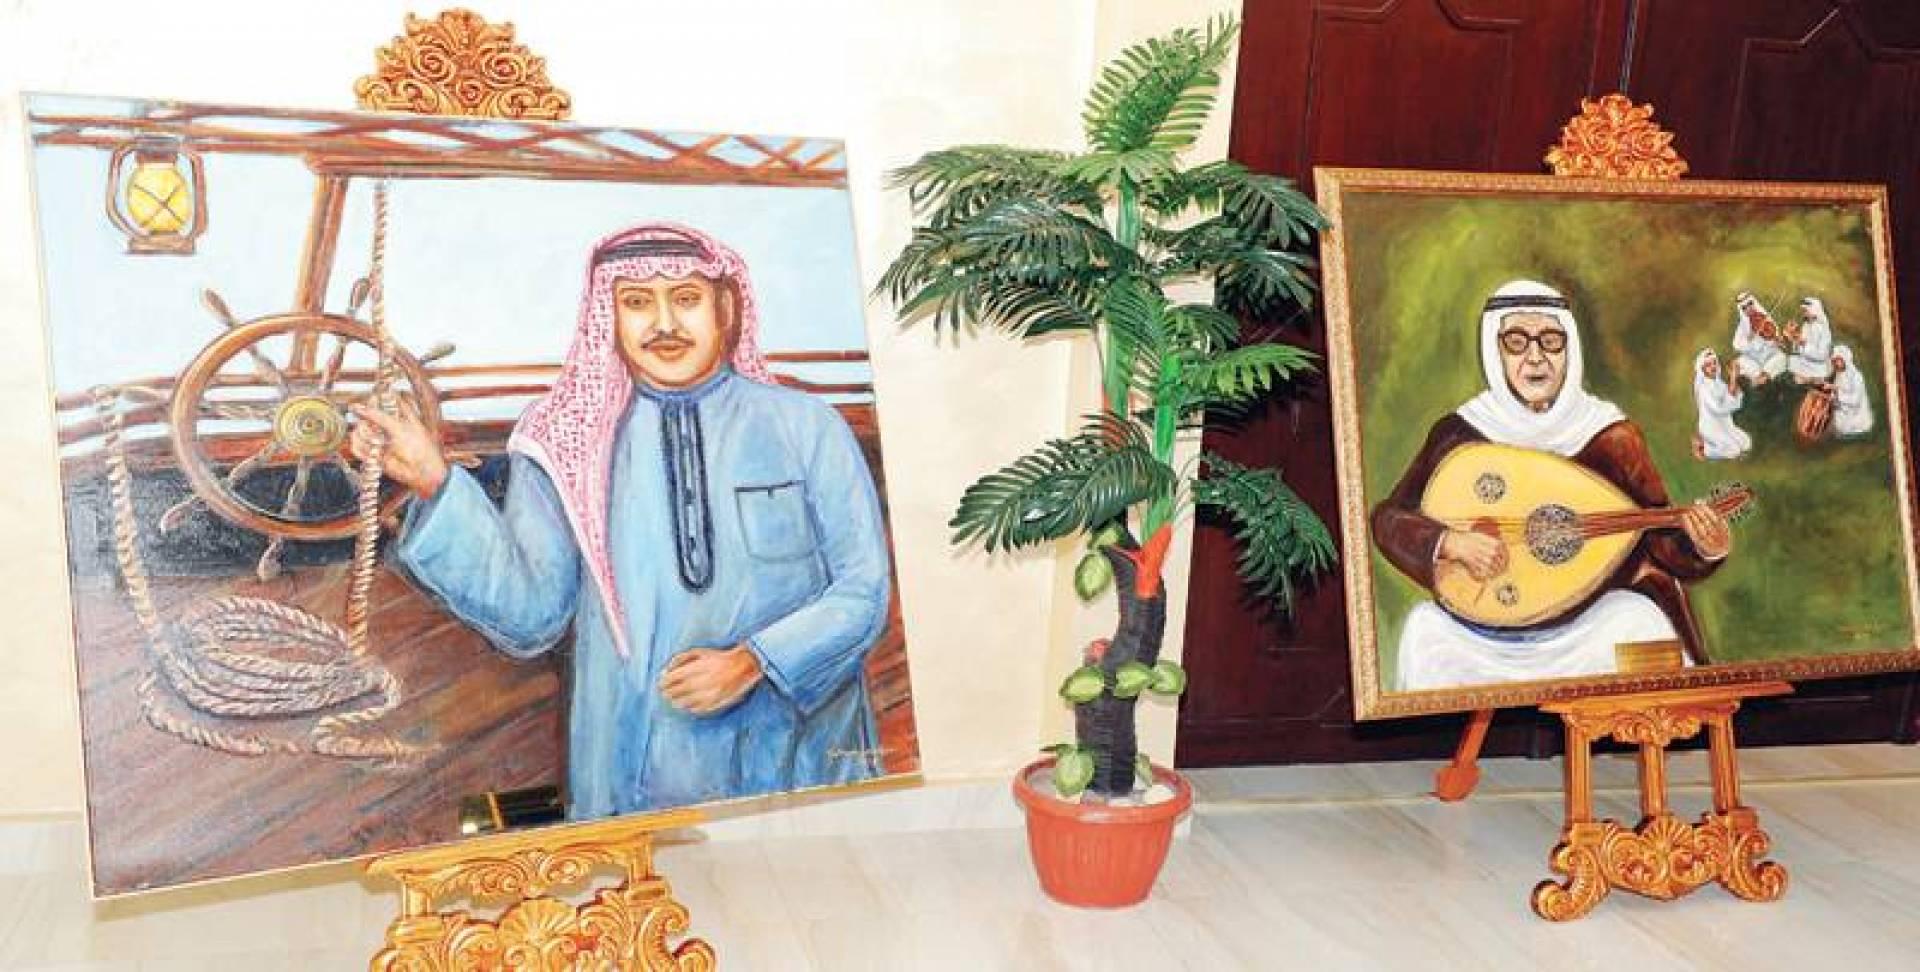 عبداللطيف الكويتي بريشة إبتسام العصفور   تصوير أحمد سرور